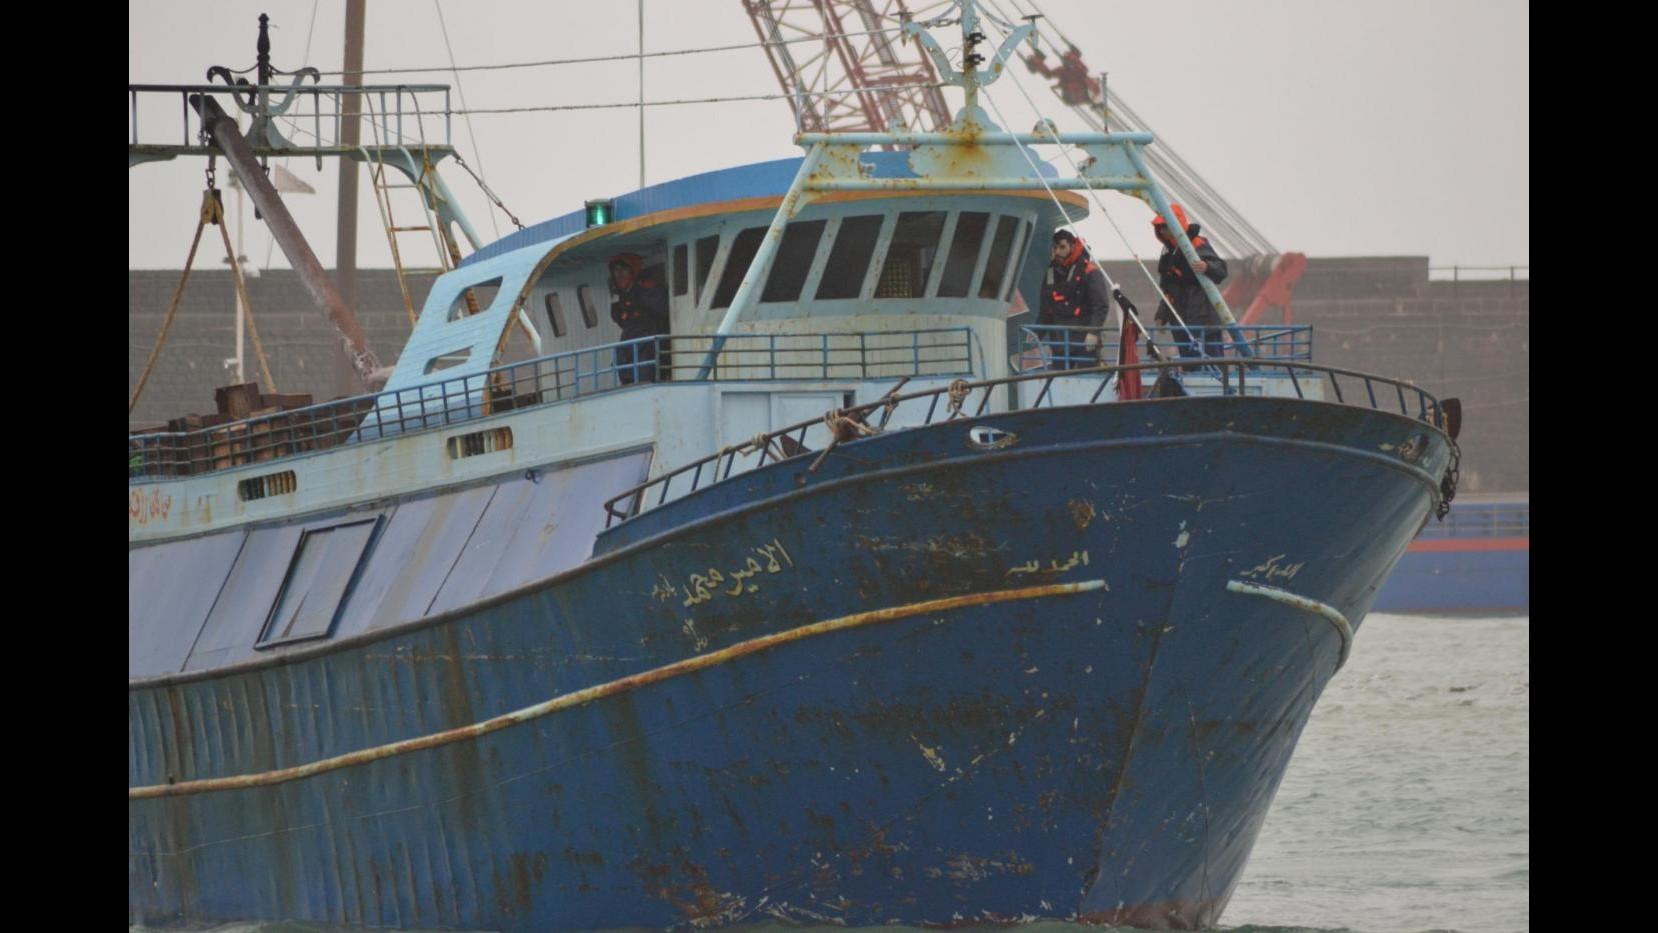 Arrivata a Messina nave con 450 migranti e 14 vittime. Altri 700 attesi in Calabria